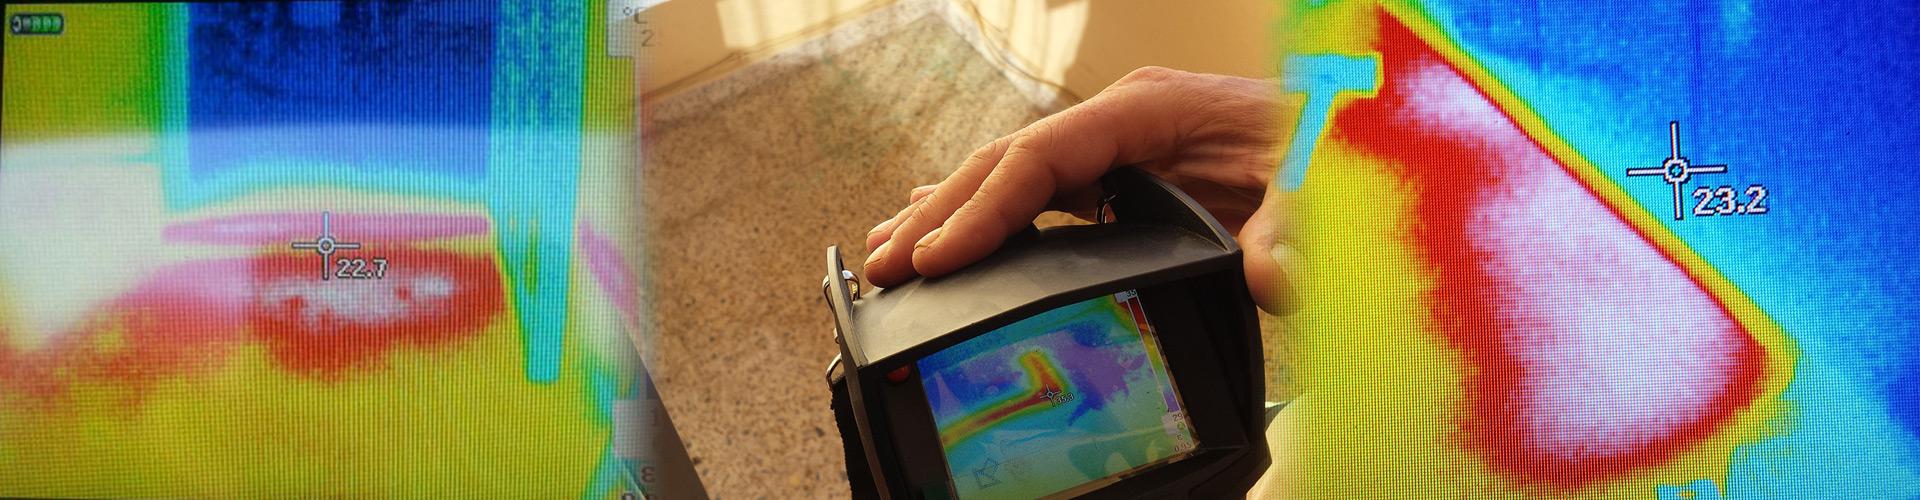 Localización de fugas de agua con cámara termografica